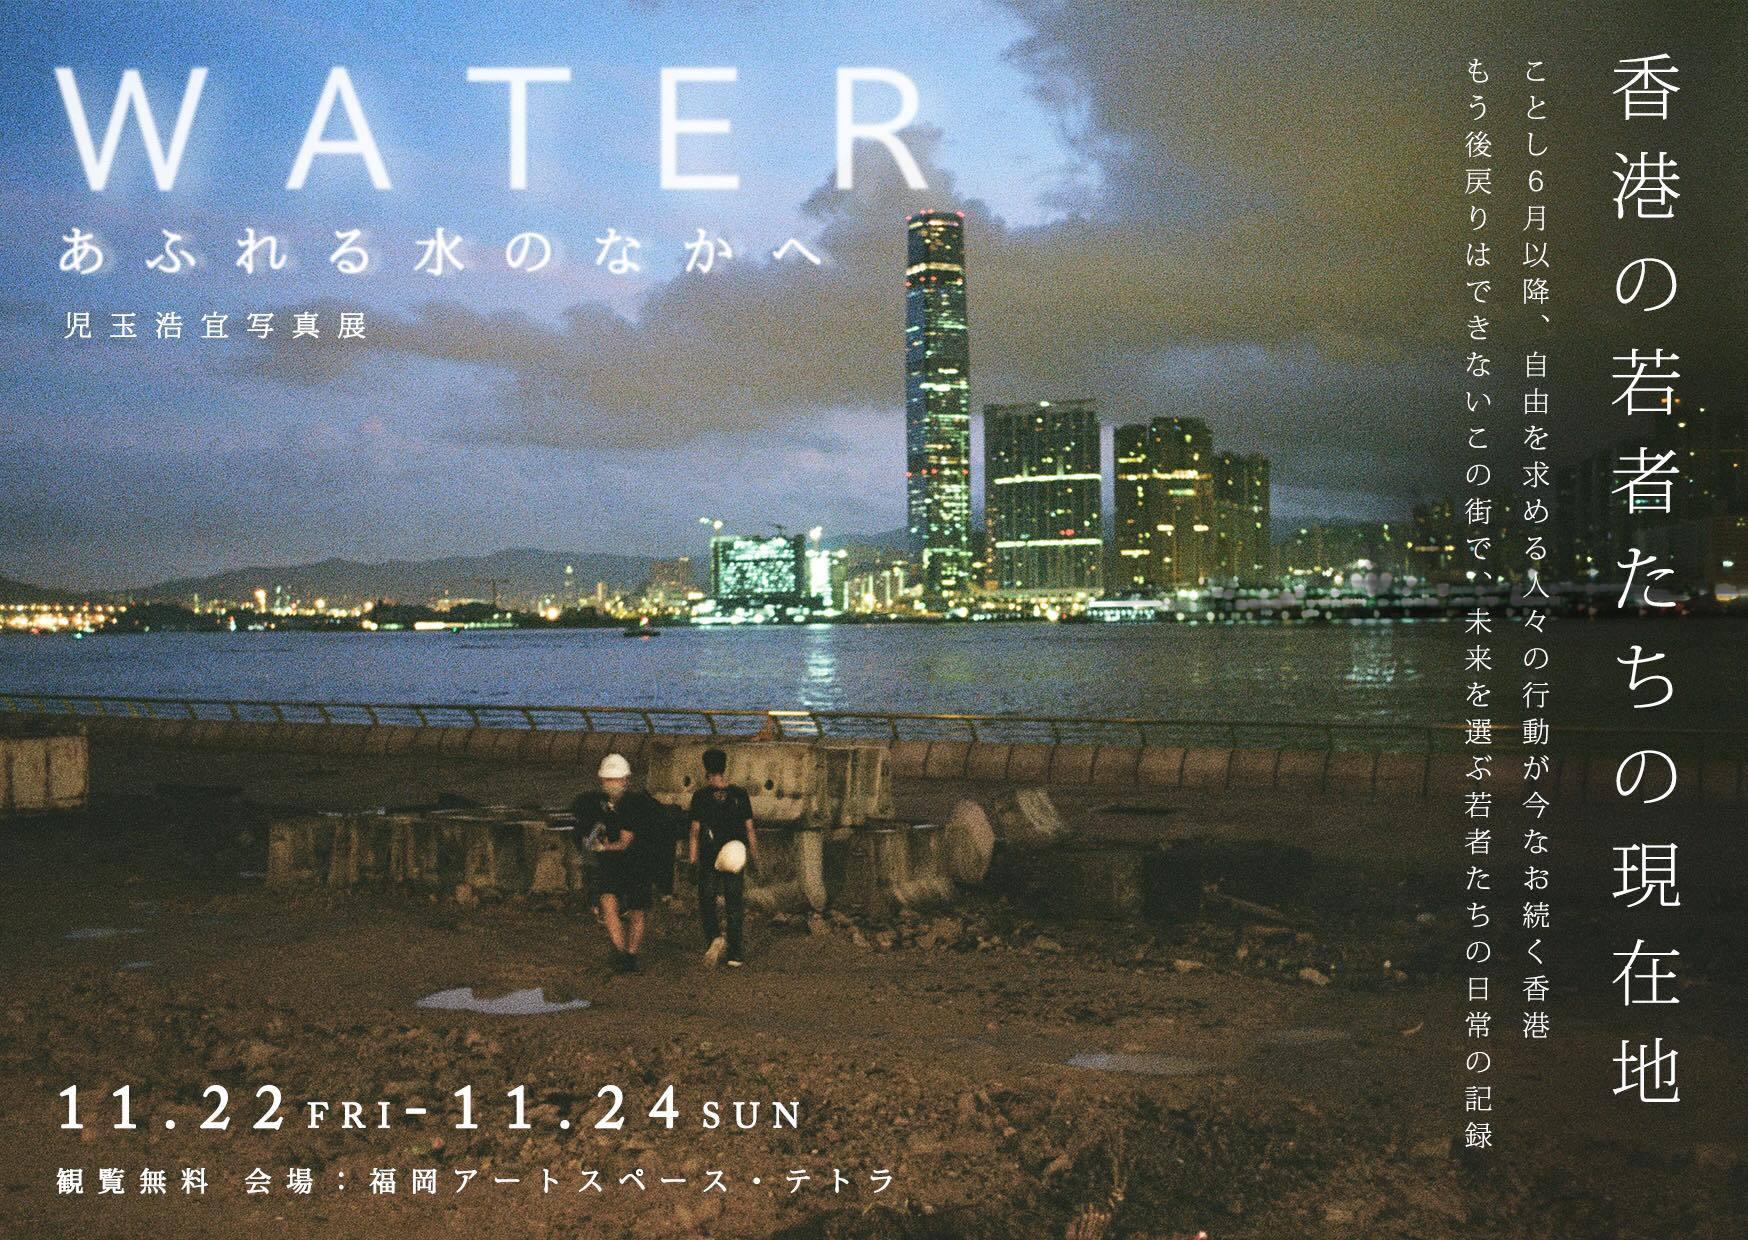 児玉浩宜 写真展 『WATER / あふれる水のなかへ』